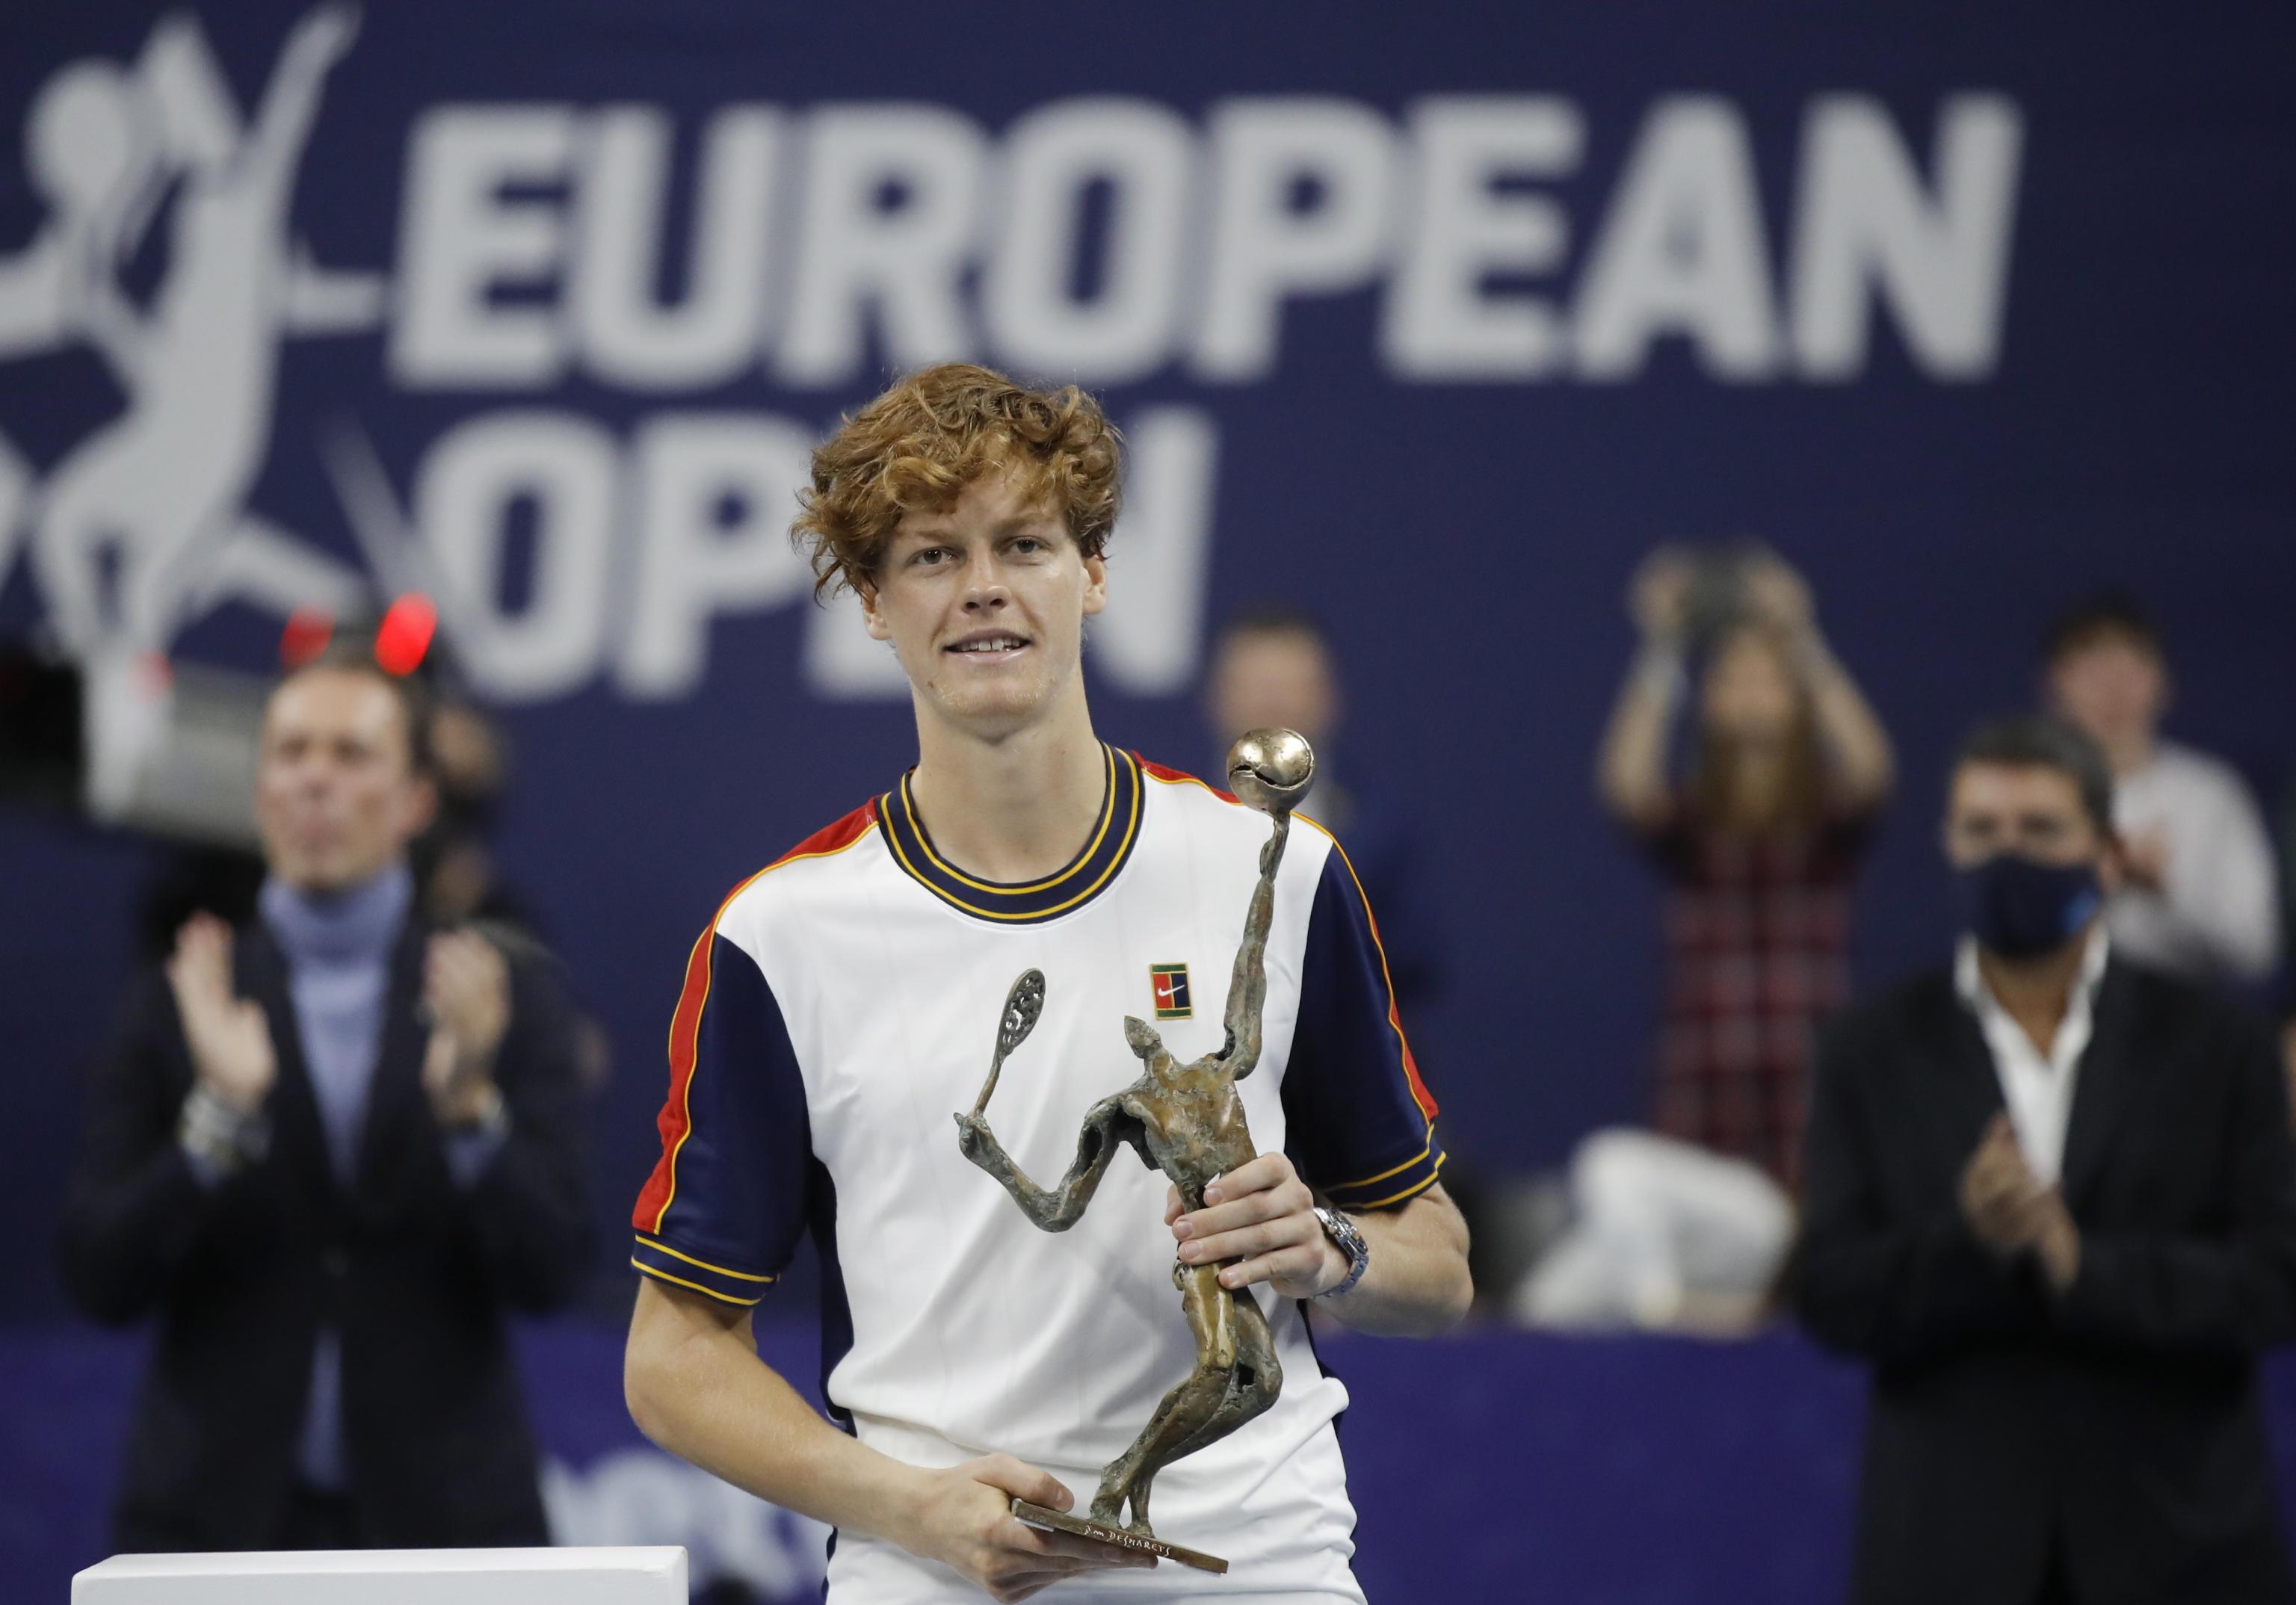 Tennis, Sinner trionfa ad Anversa: è il primo italiano di sempre a vincere 4 titoli in un anno